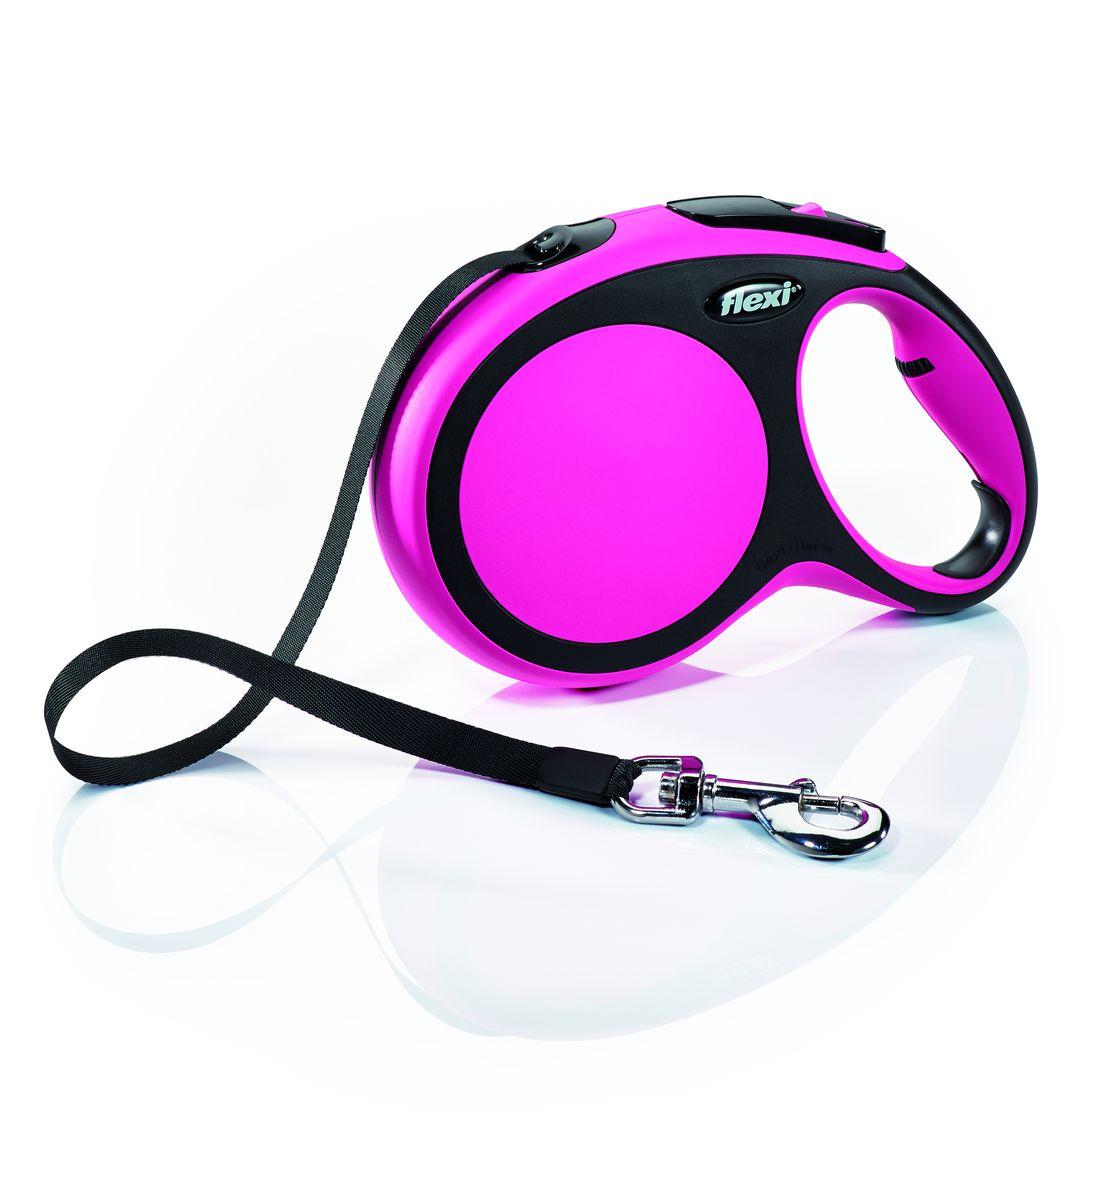 Поводок-рулетка Flexi New Comfort L, лента, для собак весом до 50 кг, цвет: черный, розовый, 8 м12171996Ленточный поводок-рулетка обеспечивает собаке свободу движения, что идет на пользу здоровью и радует вашего четвероногого друга. Рулетка очень проста в использовании. Оснащена кнопками кратковременной и постоянной фиксации. Рулетку можно оснастить - мультибоксом для лакомств или пакетиков для сбора фекалий, LED подсветкой корпуса.Прочный корпус, хромированная застежка и светоотражающие элементы.Лента поводка автоматически сматывается и поводок в процессе использования не провисает, не касается грунта и таким образом не пачкается и не перетирается. Поводок не нужно подбирать руками когда питомец подошел ближе, таким образом ваши руки всегда чистые.На рукоятке имеется регулировка размера для адаптации под размер рукиМаксимальный вес питомца: 50 кгДлина: 8 м